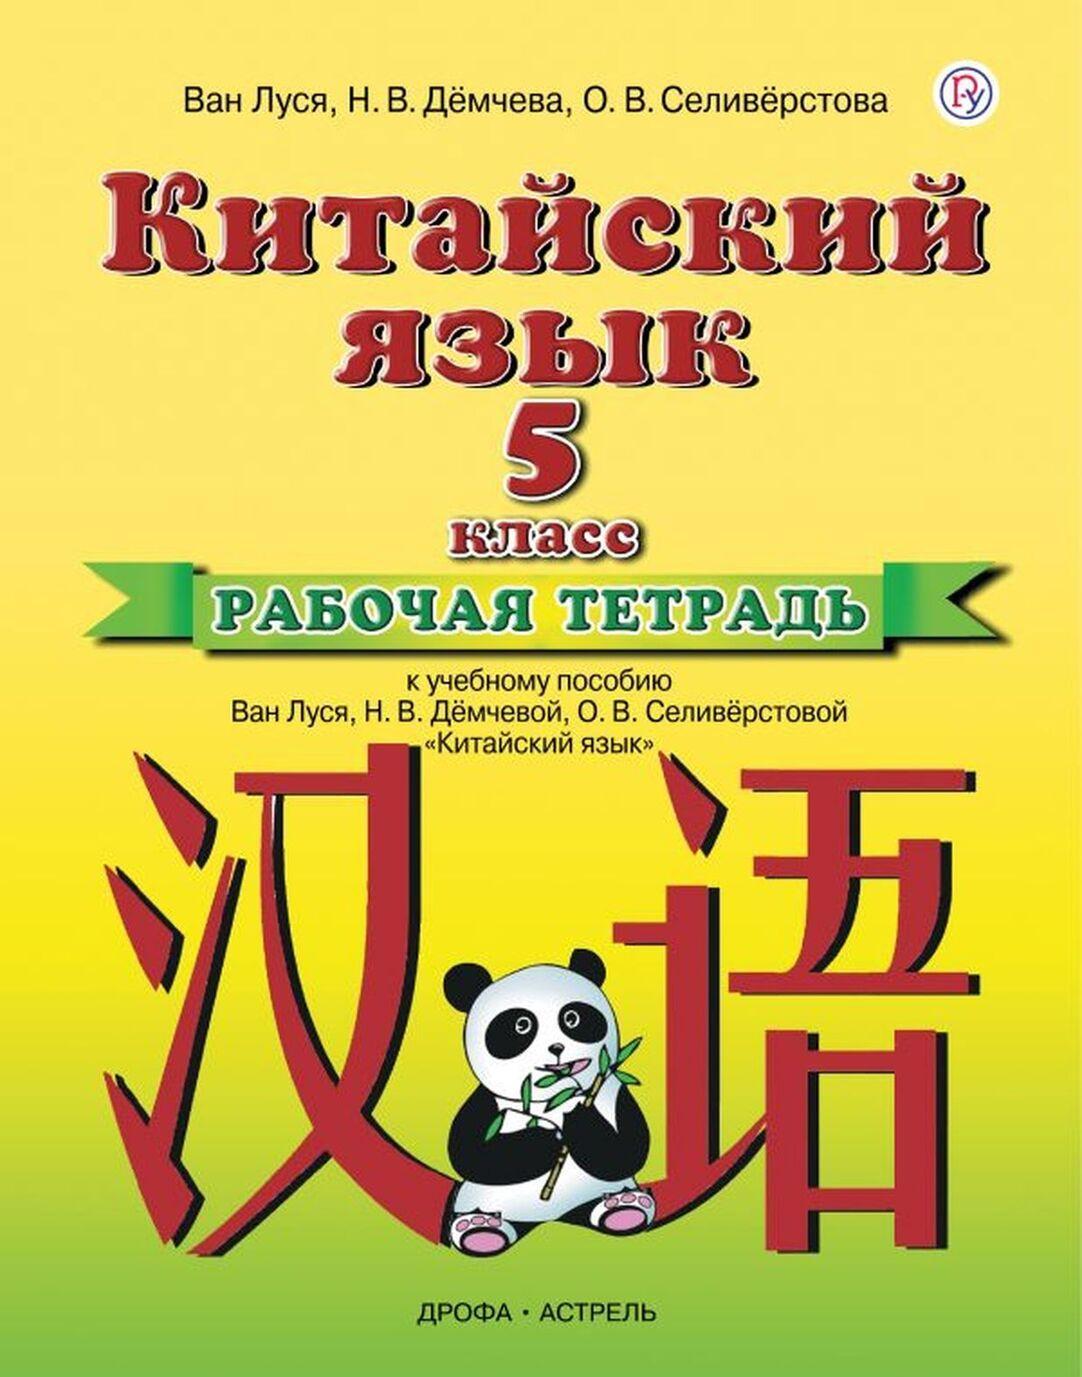 Kitajskij jazyk. 5 klass. Rabochaja tetrad. K uchebnomu posobiju Van L. i dr. | Van Lusja, Seliverstova Olga Viktorovna